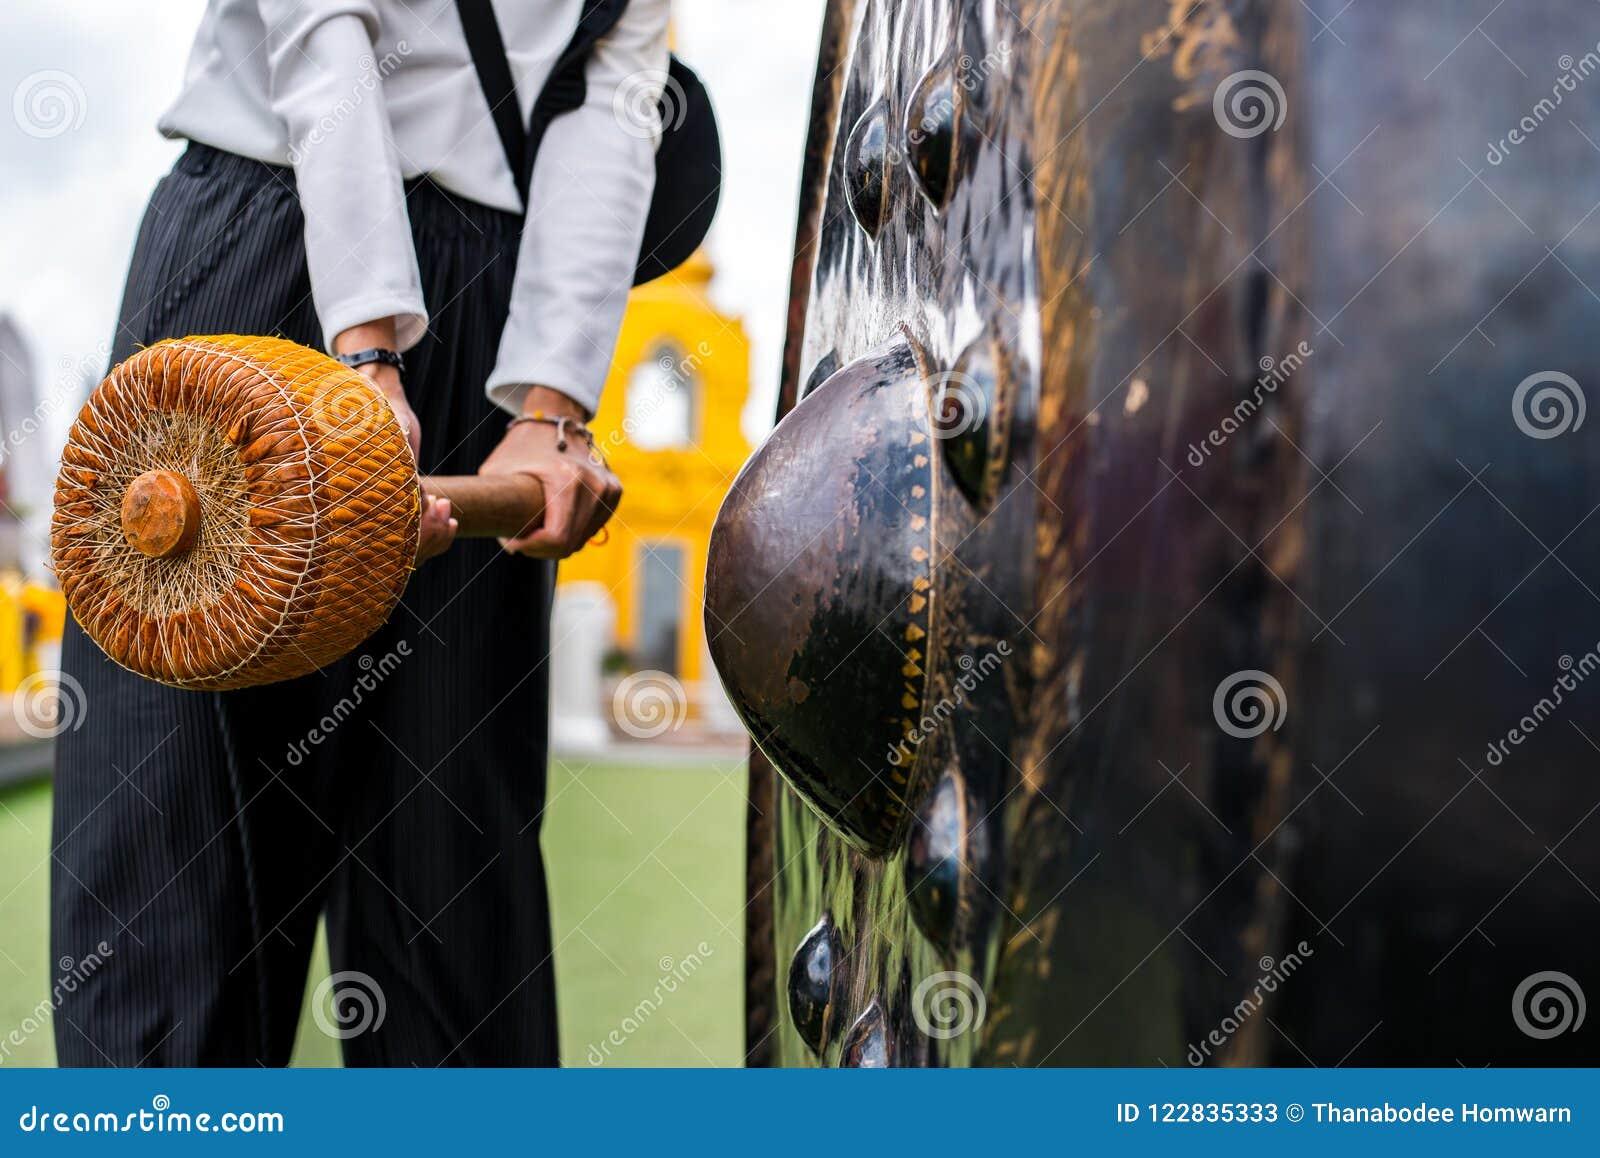 Bells dans de grands temples sont pour la dévotion